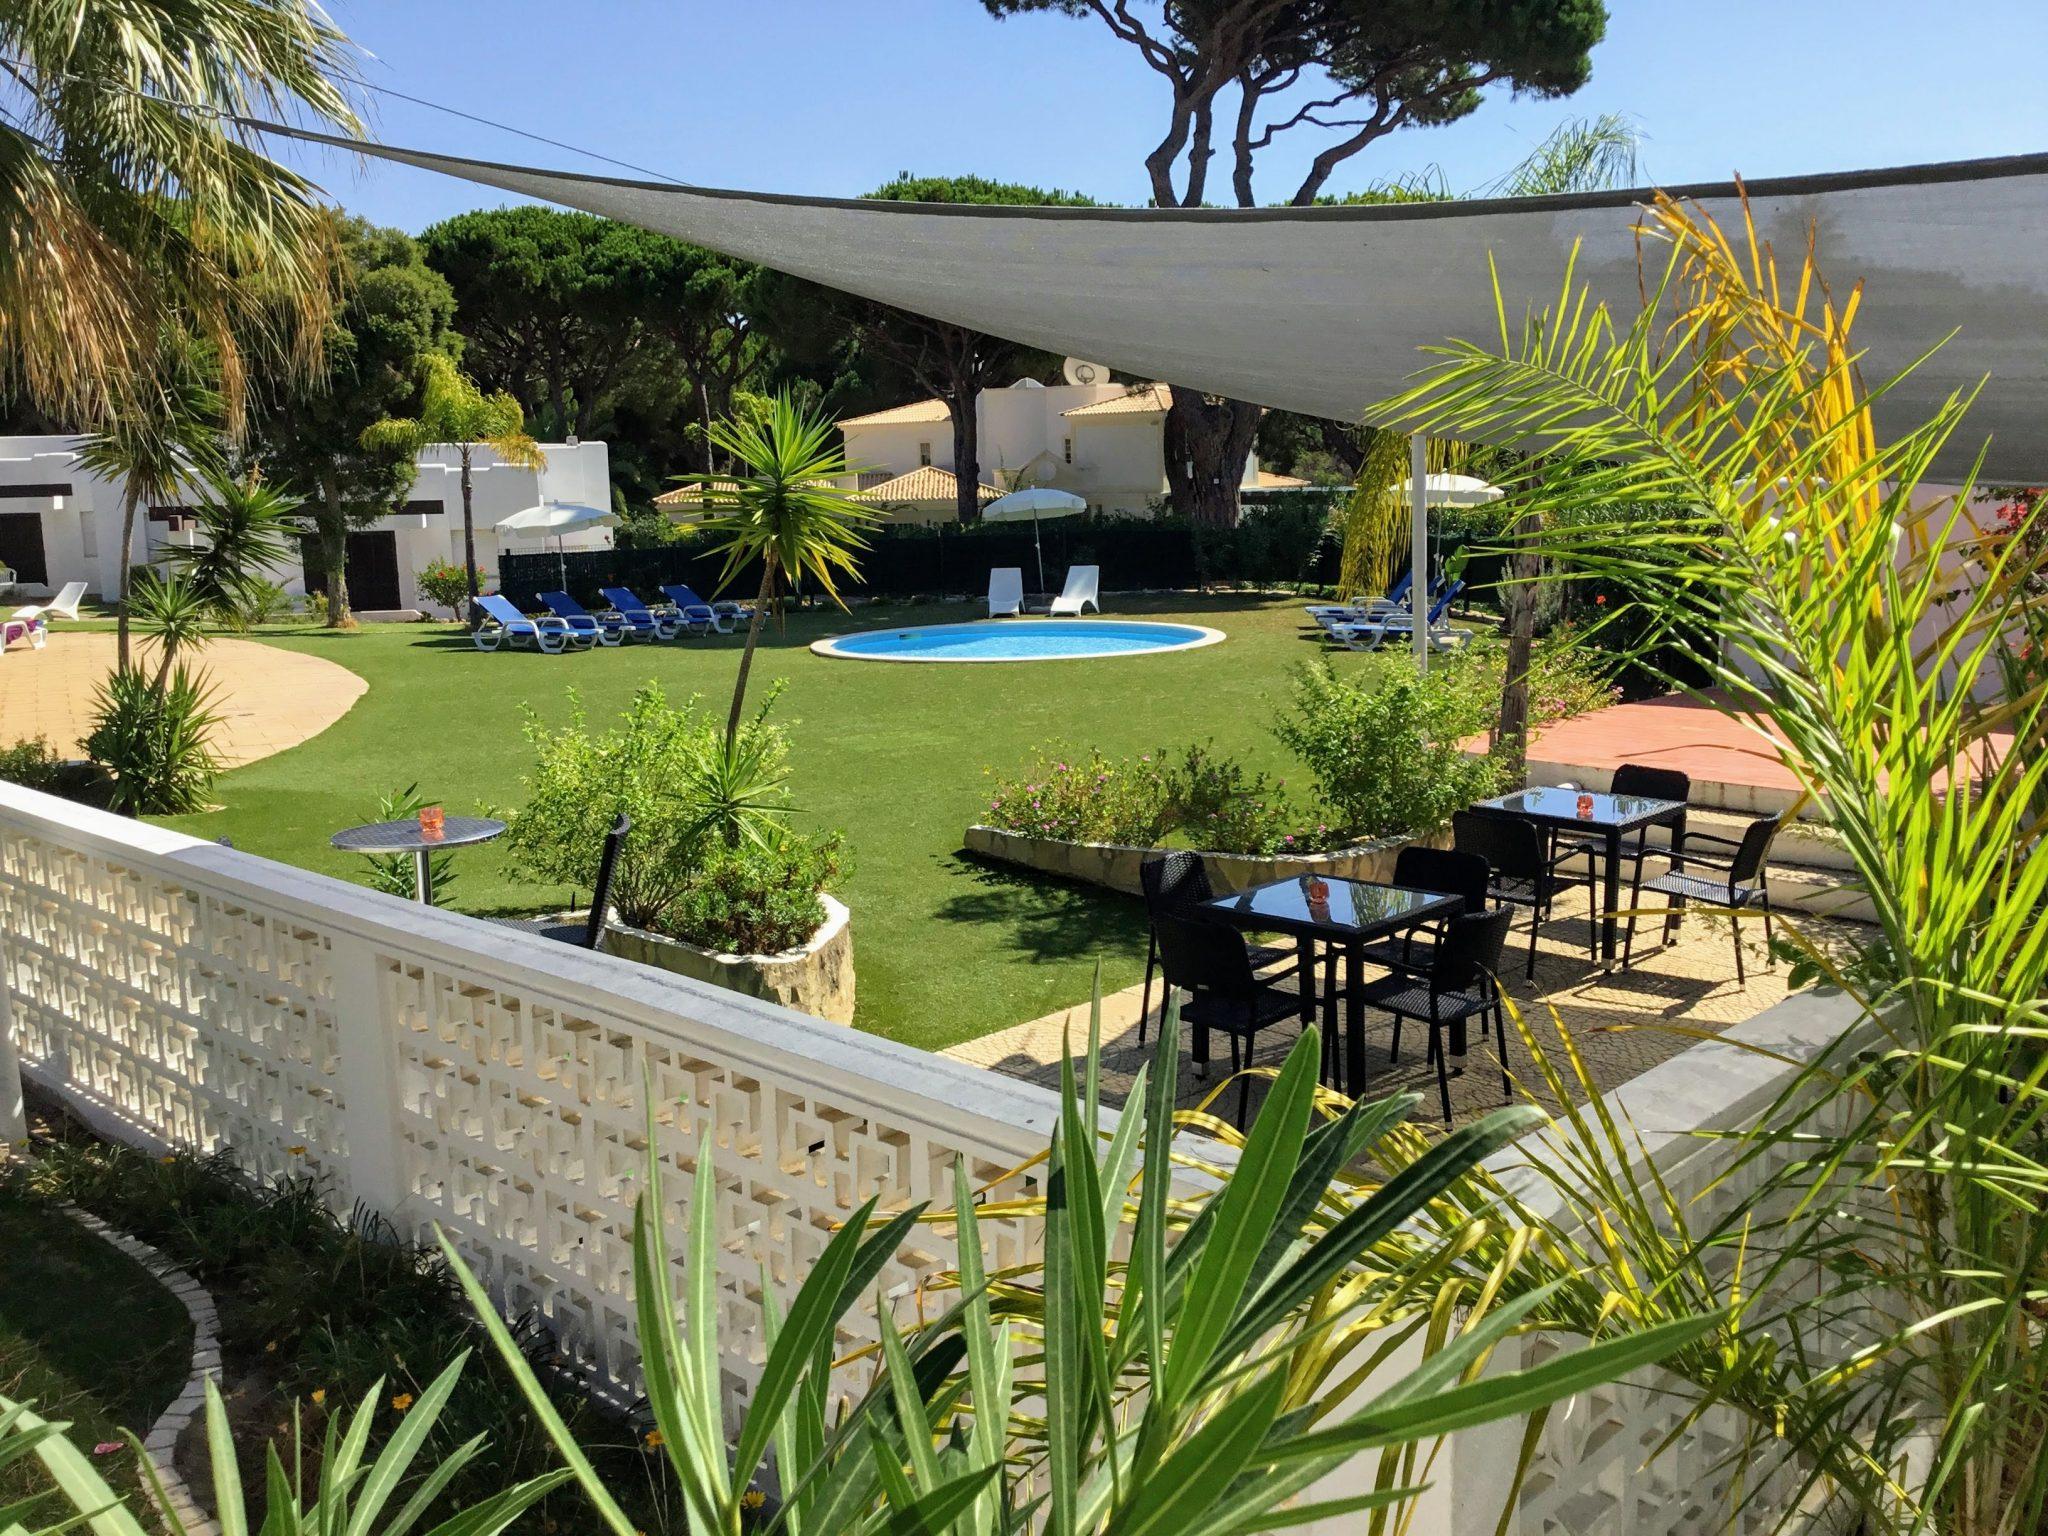 Prado Villas cheidrens pool area, Vilamoura